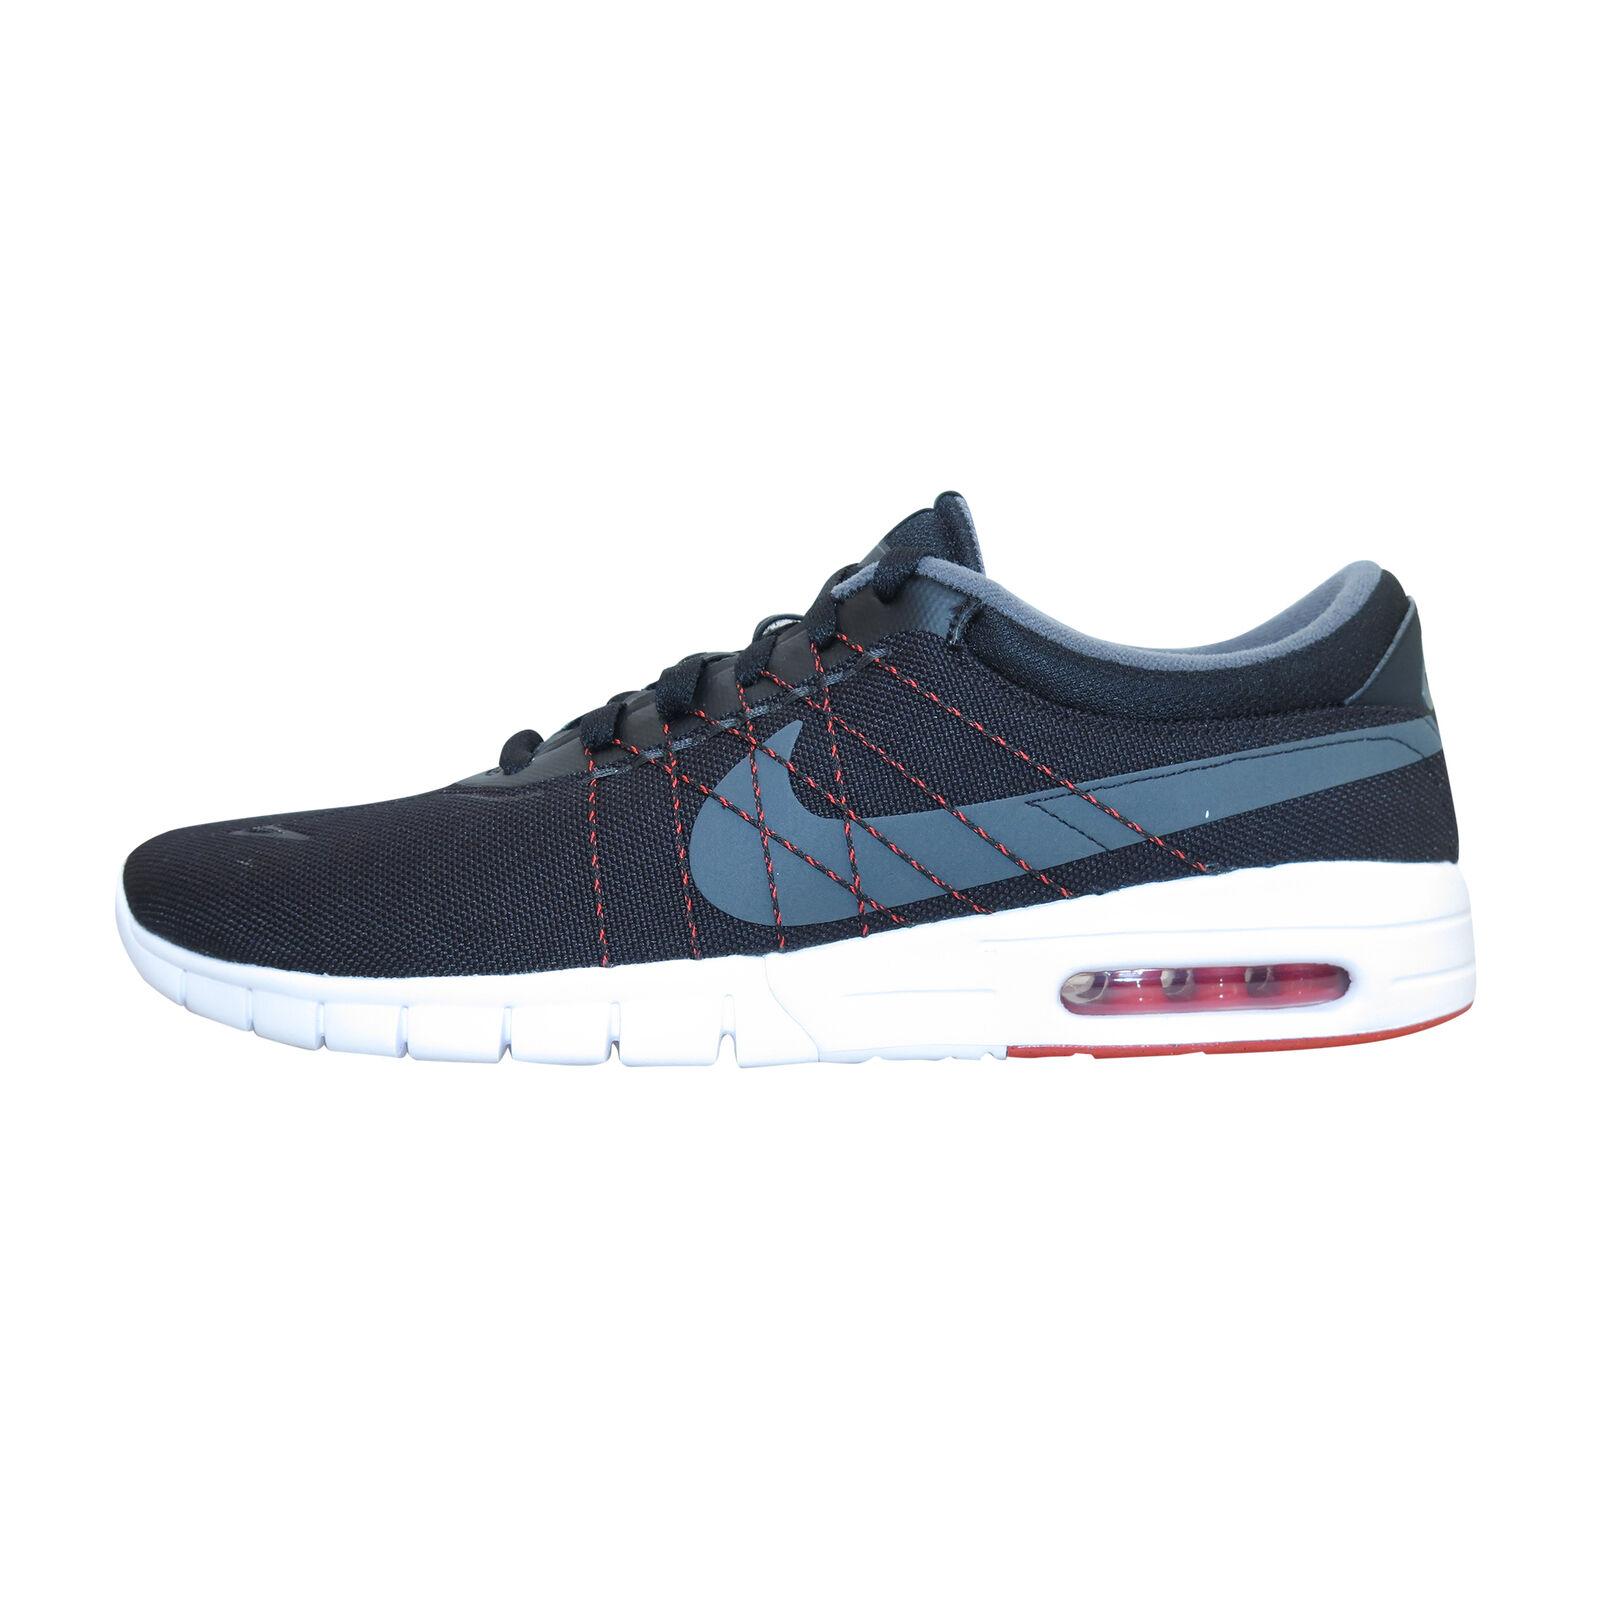 Nike SB Koston Max-Tailles 40, 41, 44, 47 855678 -001